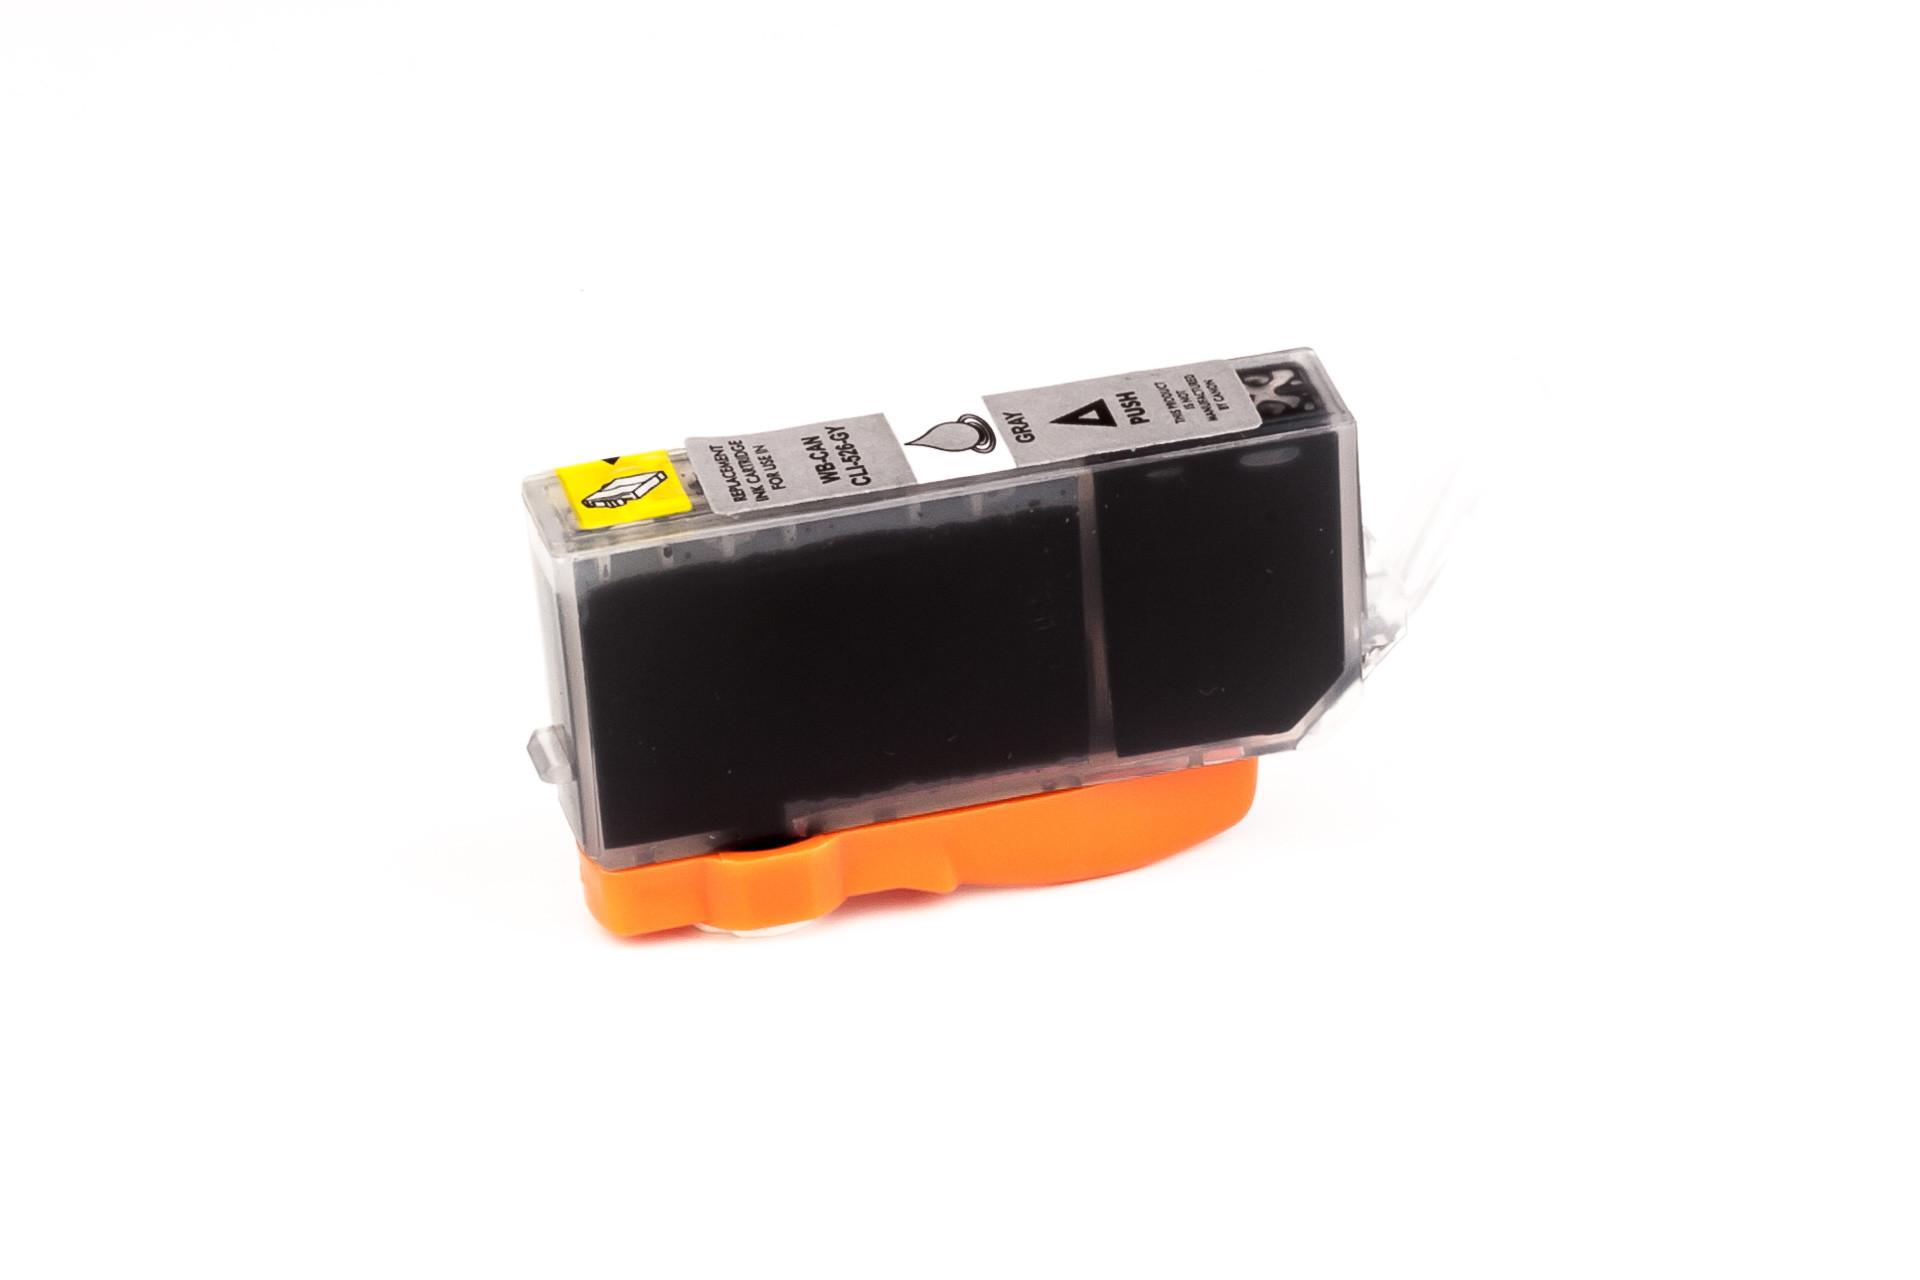 Alternativ-Tinte für Canon CLI-526 / 4544B001 grau